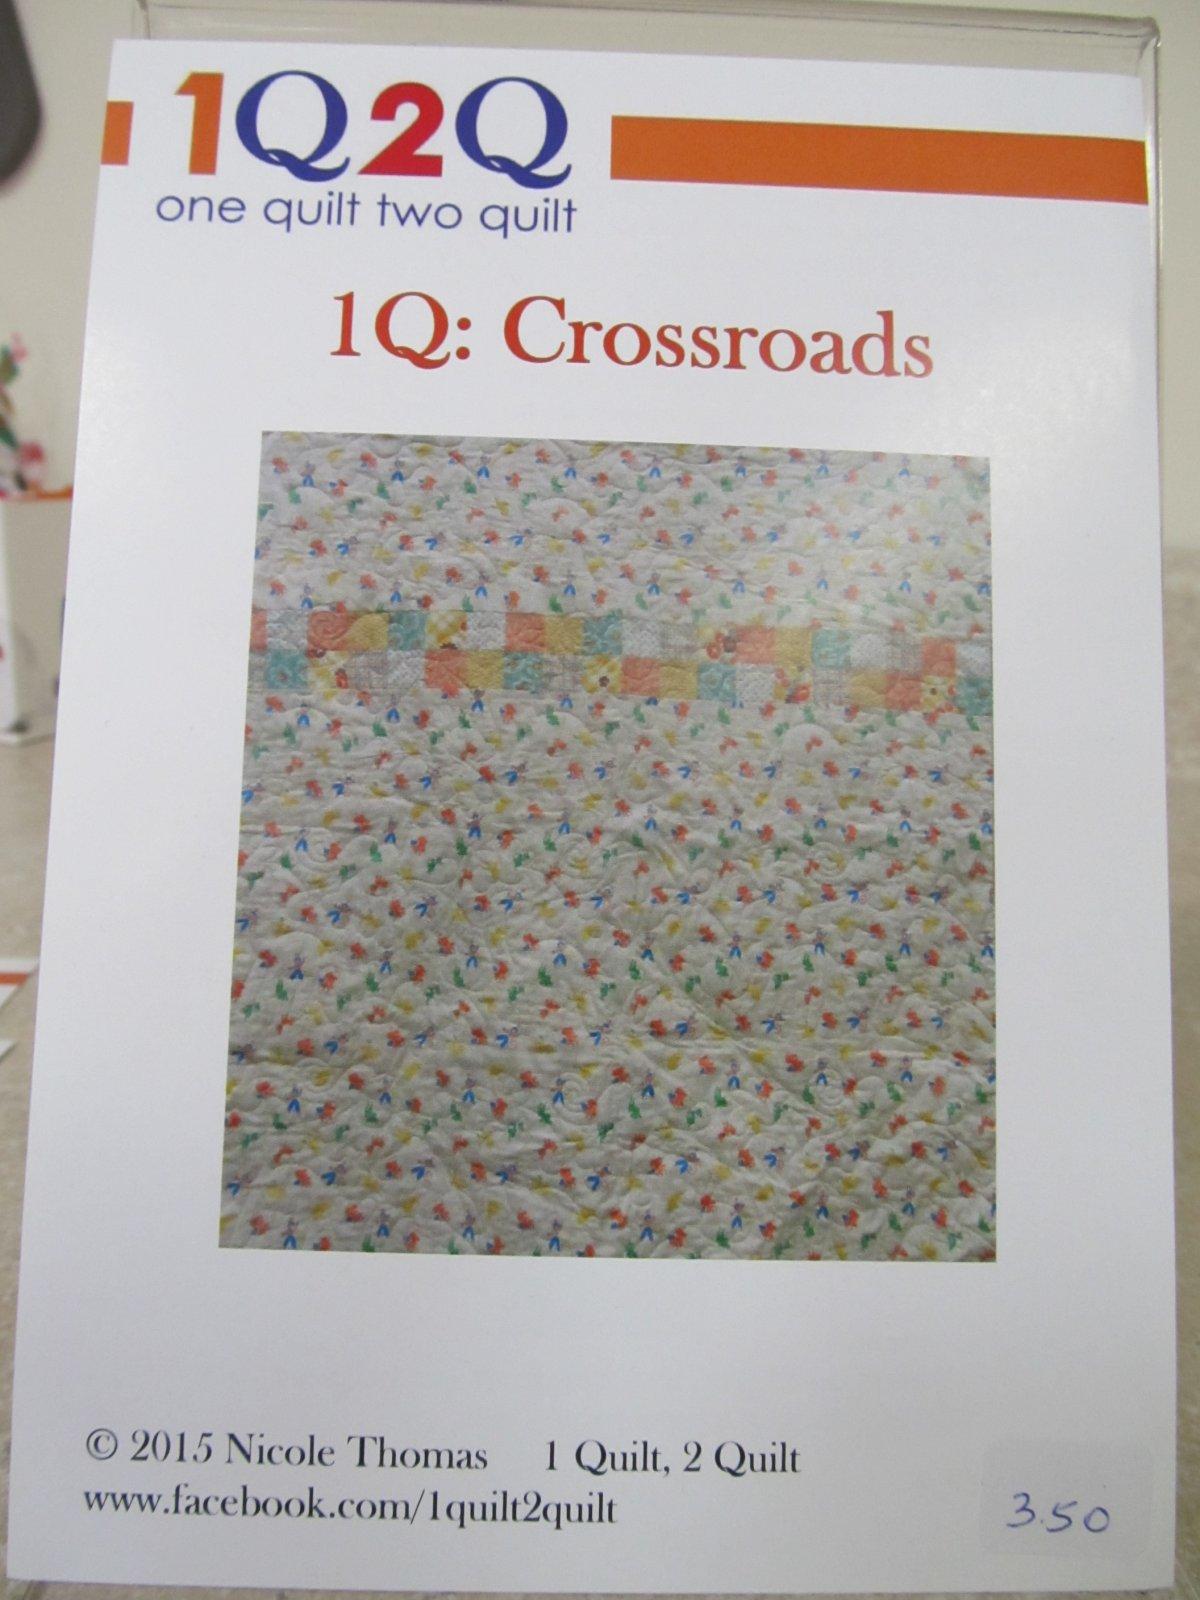 1Q: Crossroads